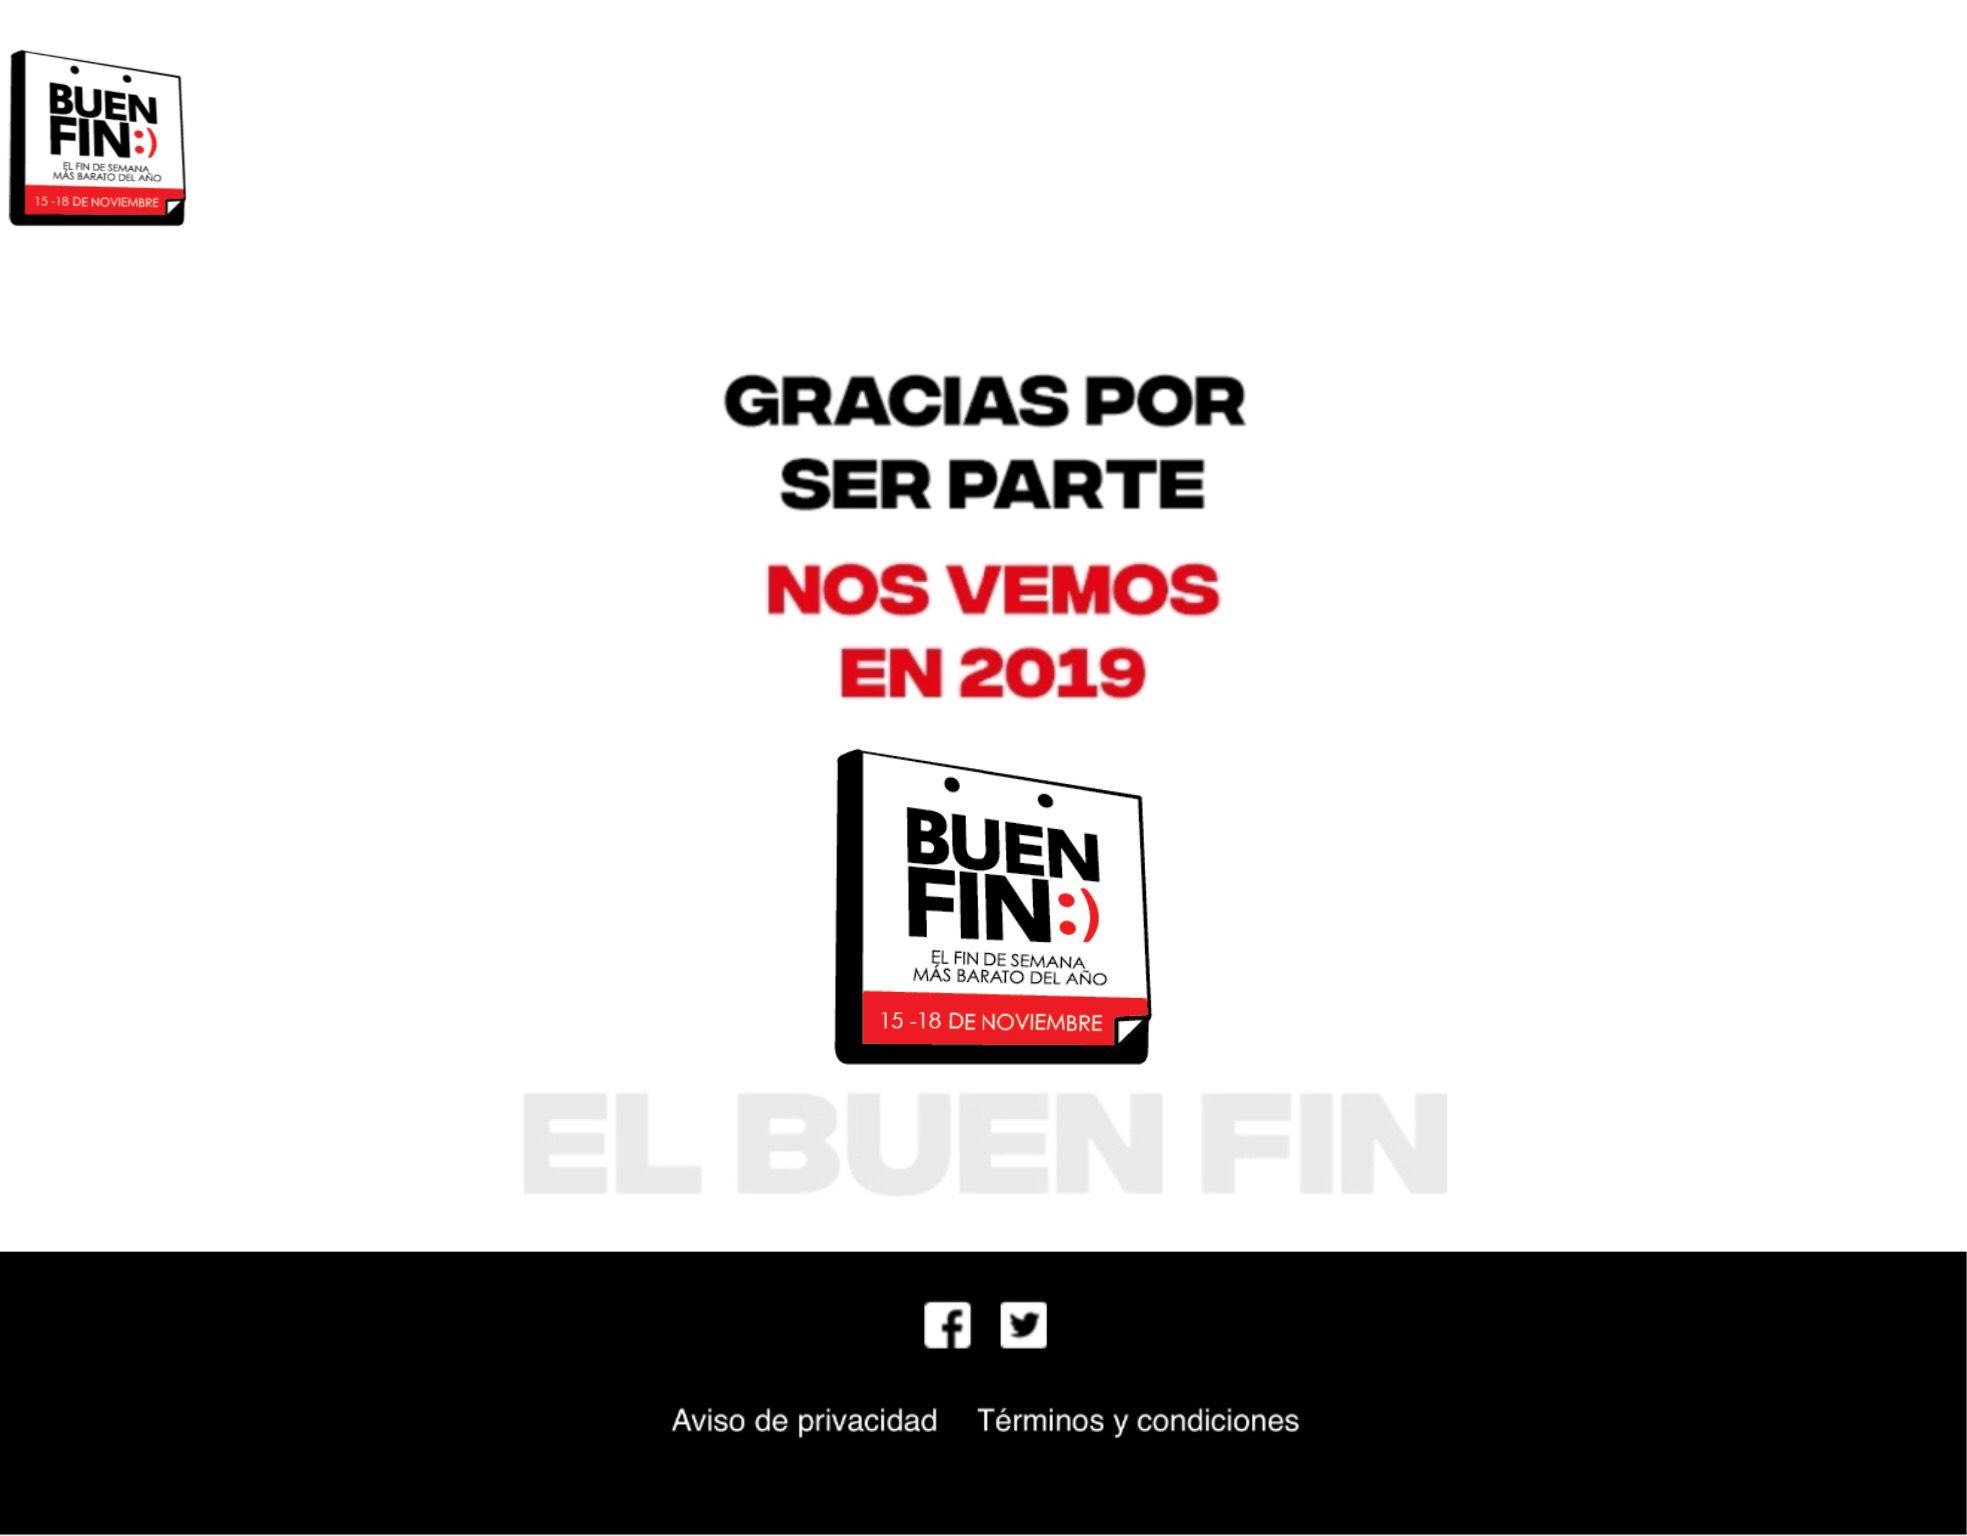 El Buen Fin será del 15 al 18 de Noviembre 2019